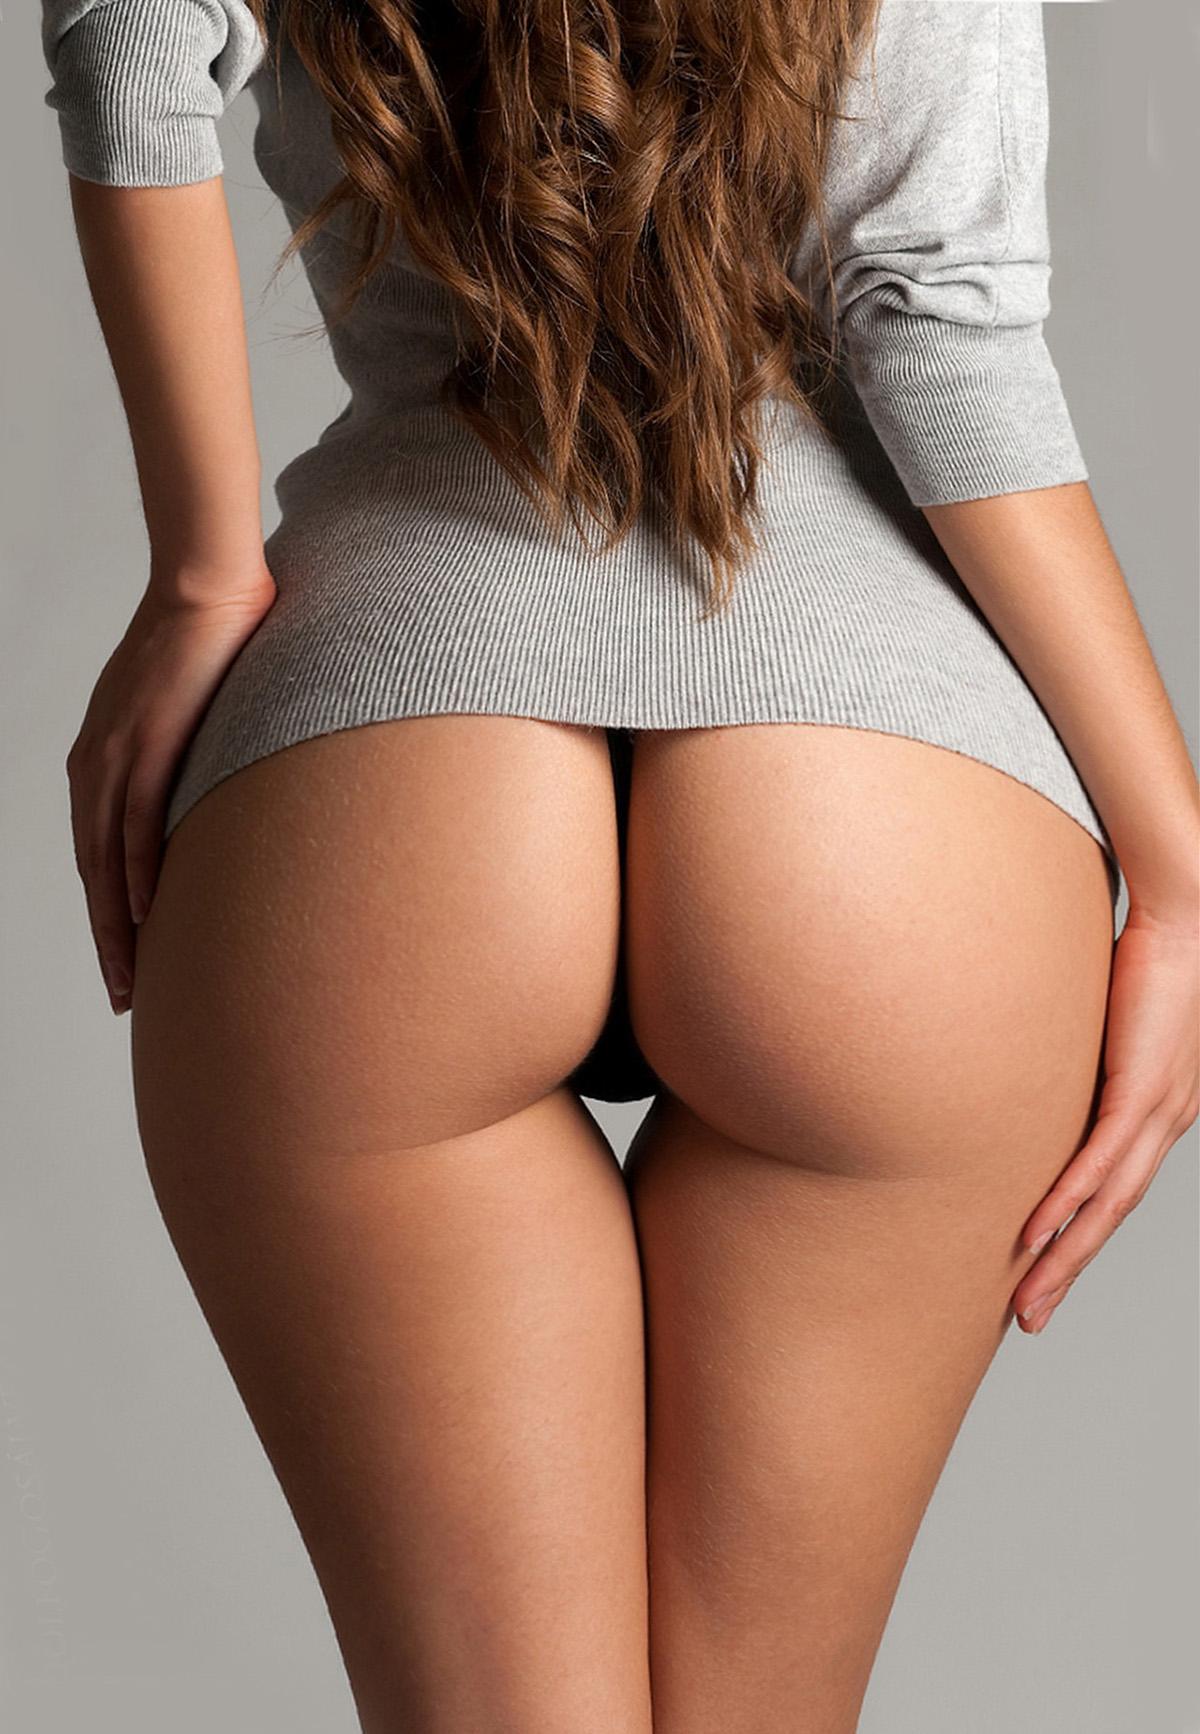 booty ass Sex